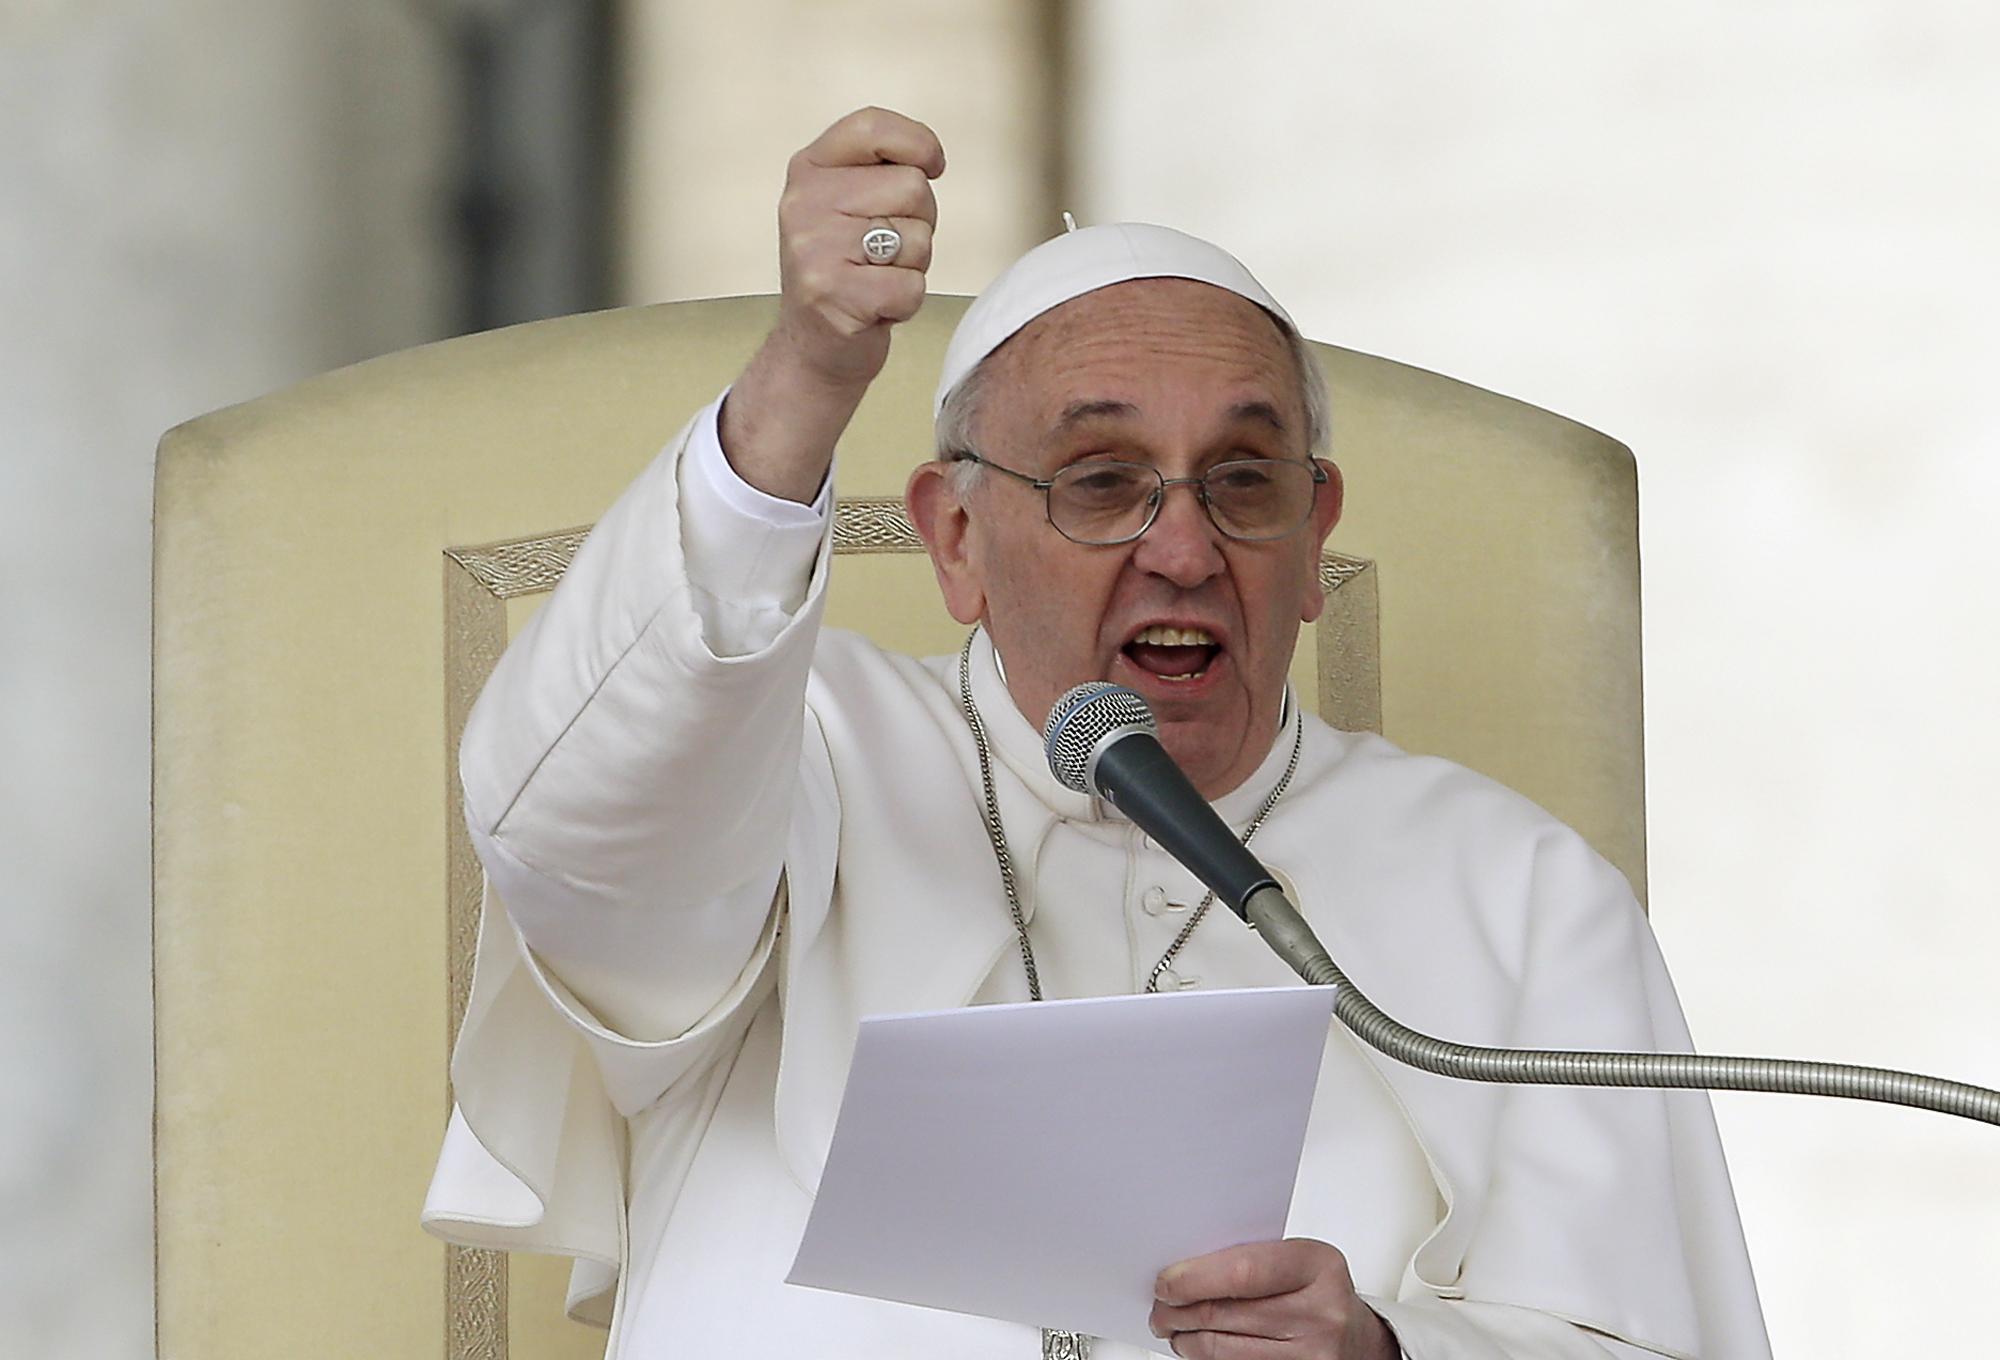 Rivoluzione in Vaticano, Papa Francesco rinuncia al segreto bancario. I soldi verranno tassati in Italia. Da controllare oltre 16mila conti